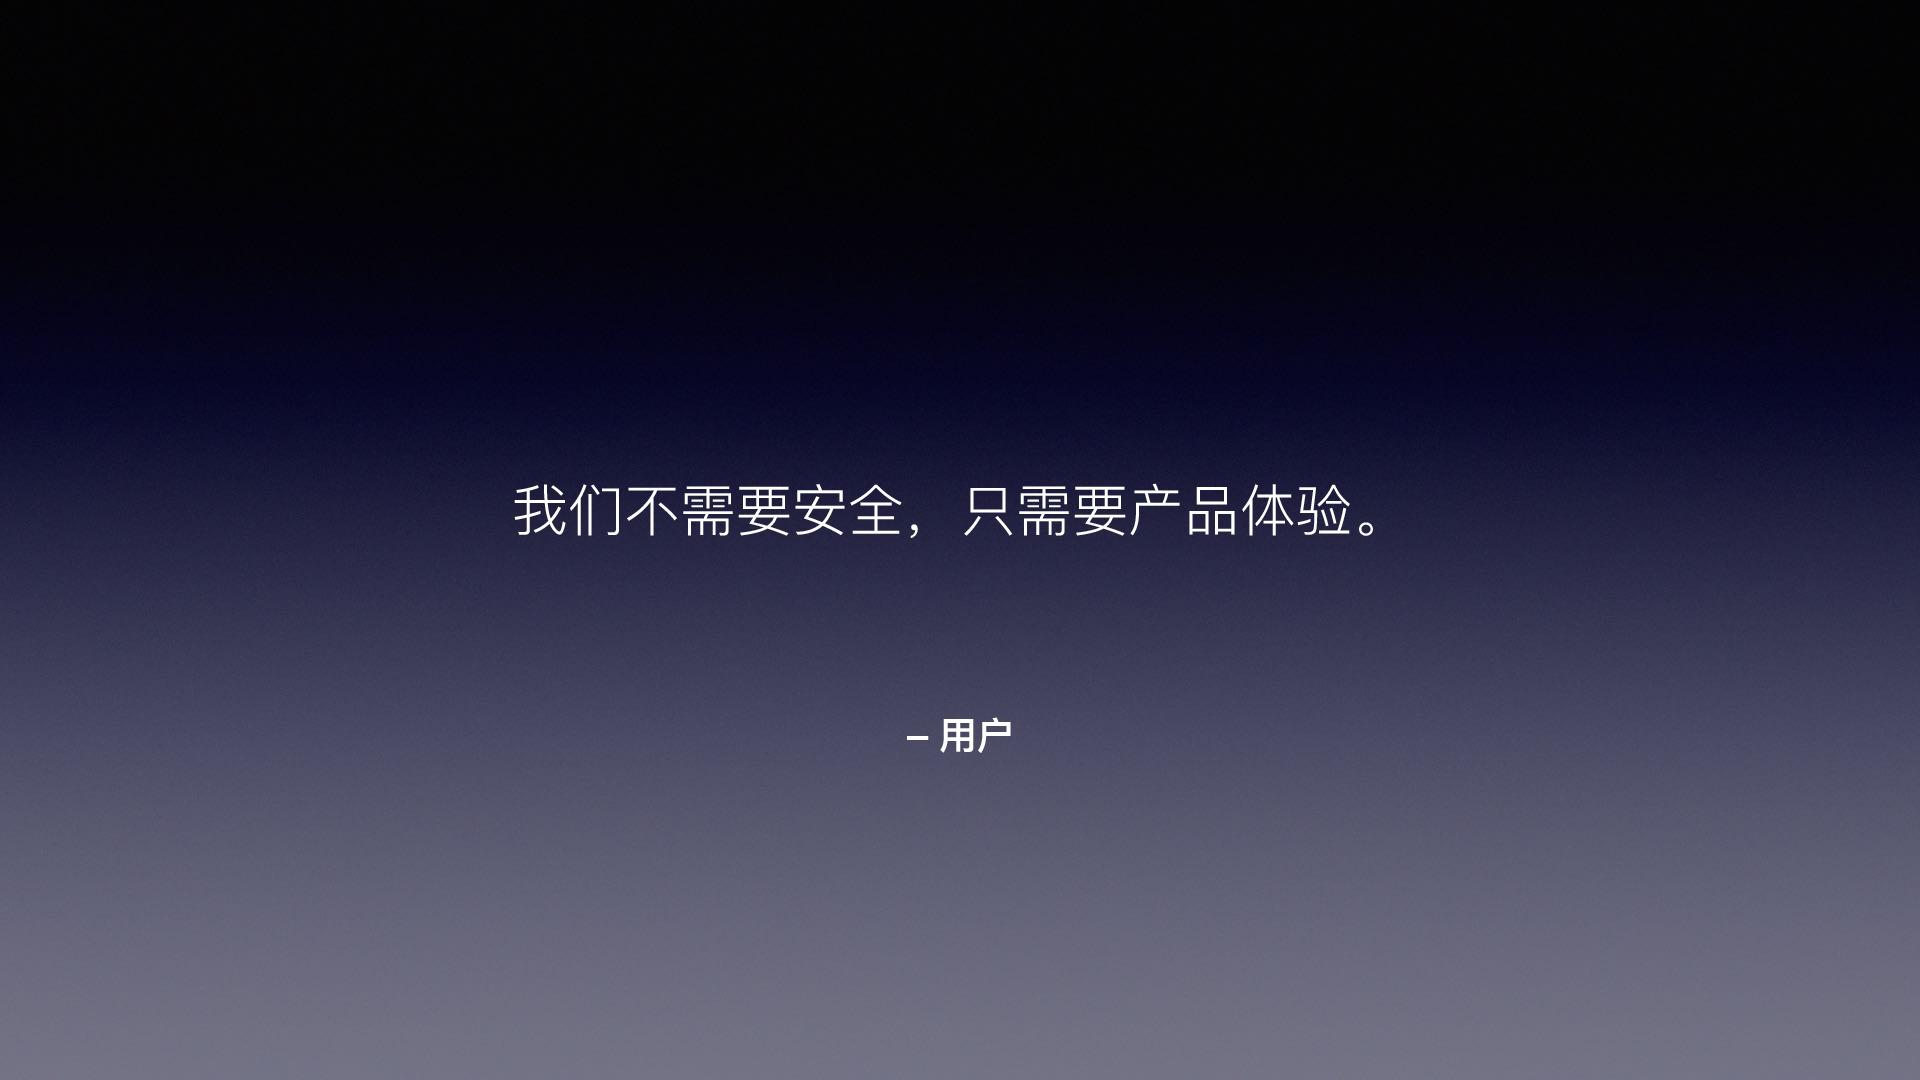 https://opentalk-blog.b0.upaiyun.com/prod/2017-10-31/2c14467f907ab4437ab1af7231ca4328